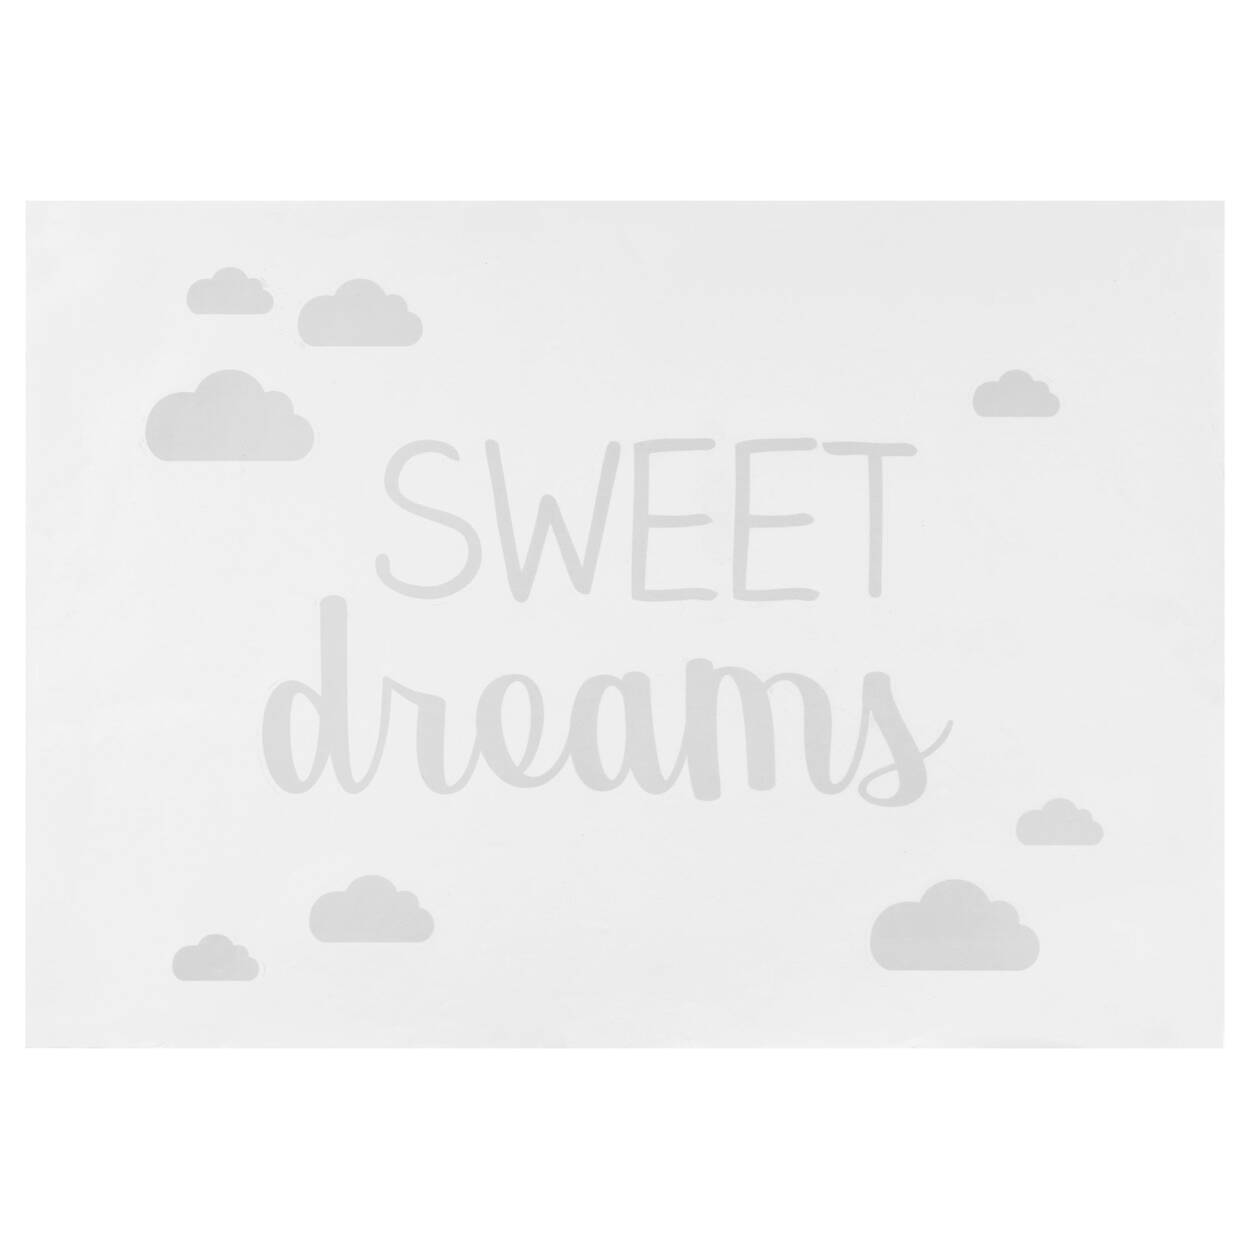 Sweet Dreams Wall Sticker